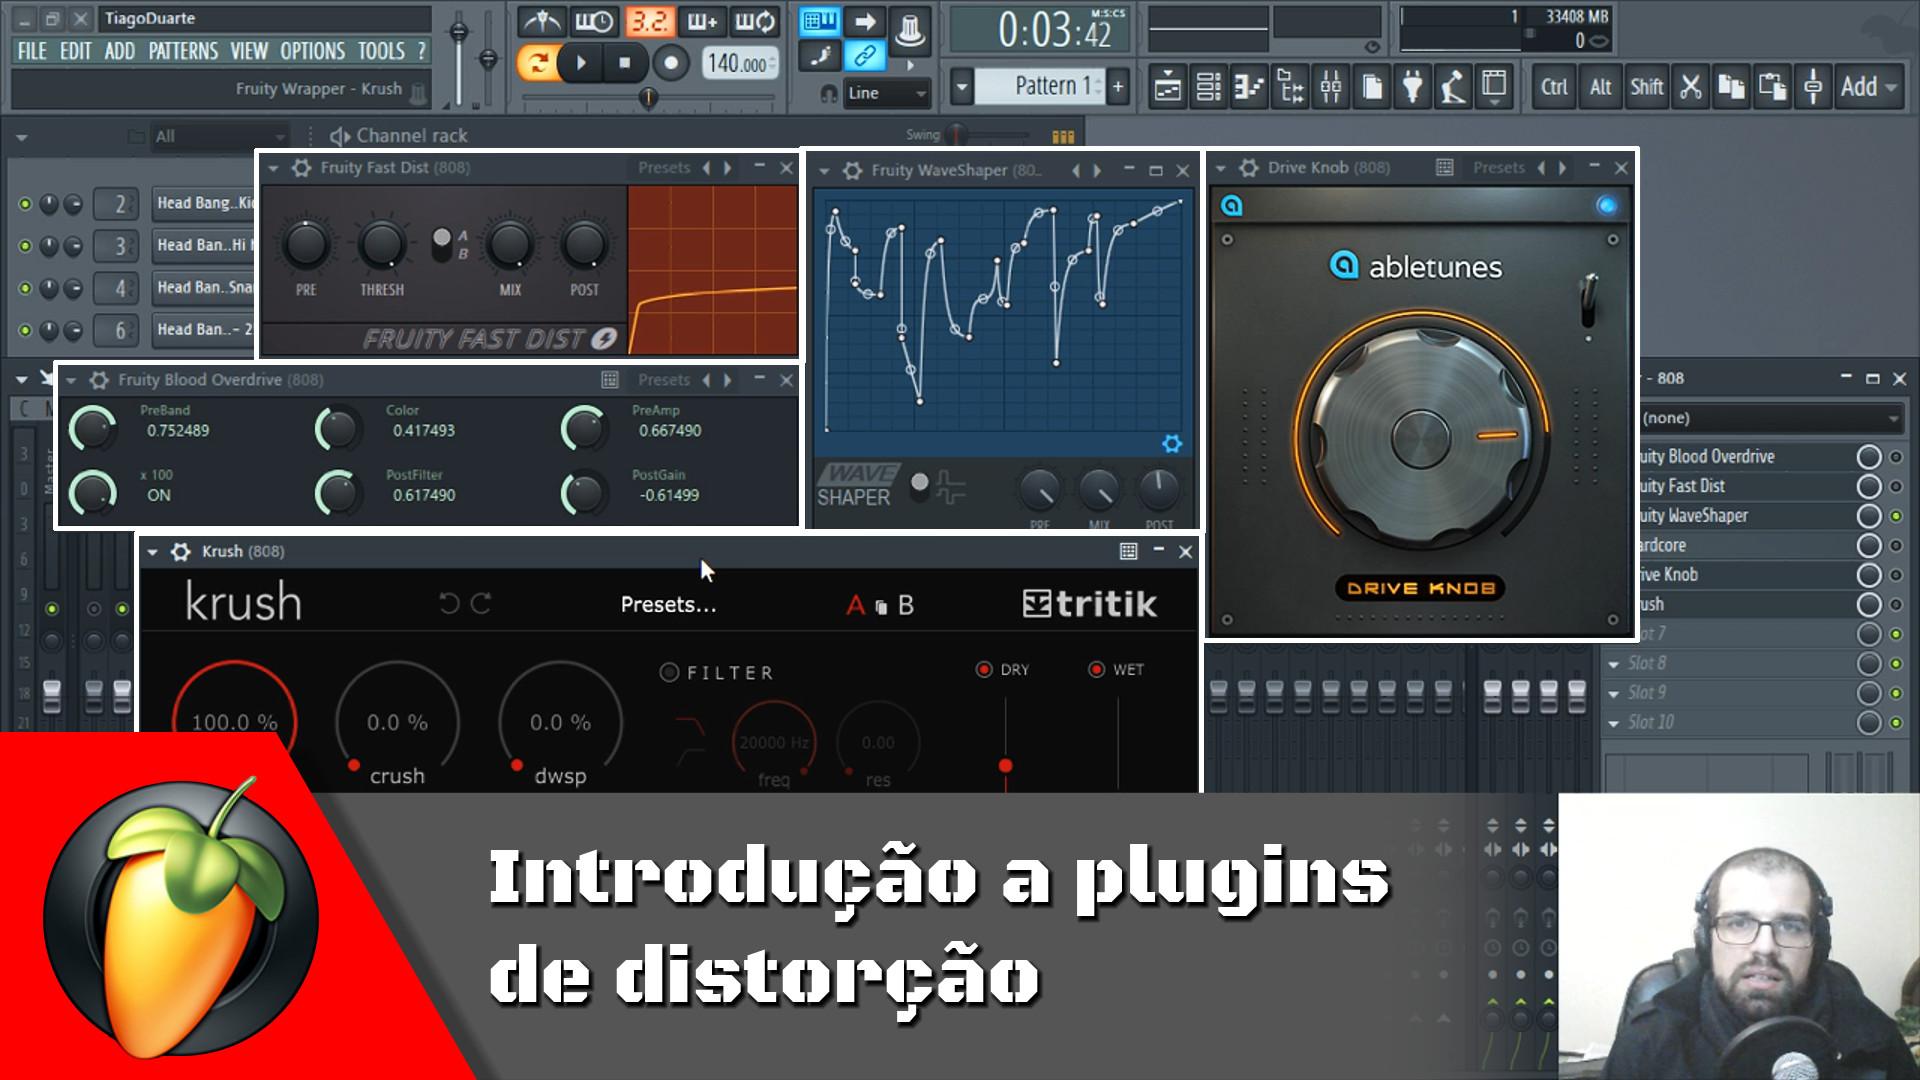 Introdução aos plugins de distorção